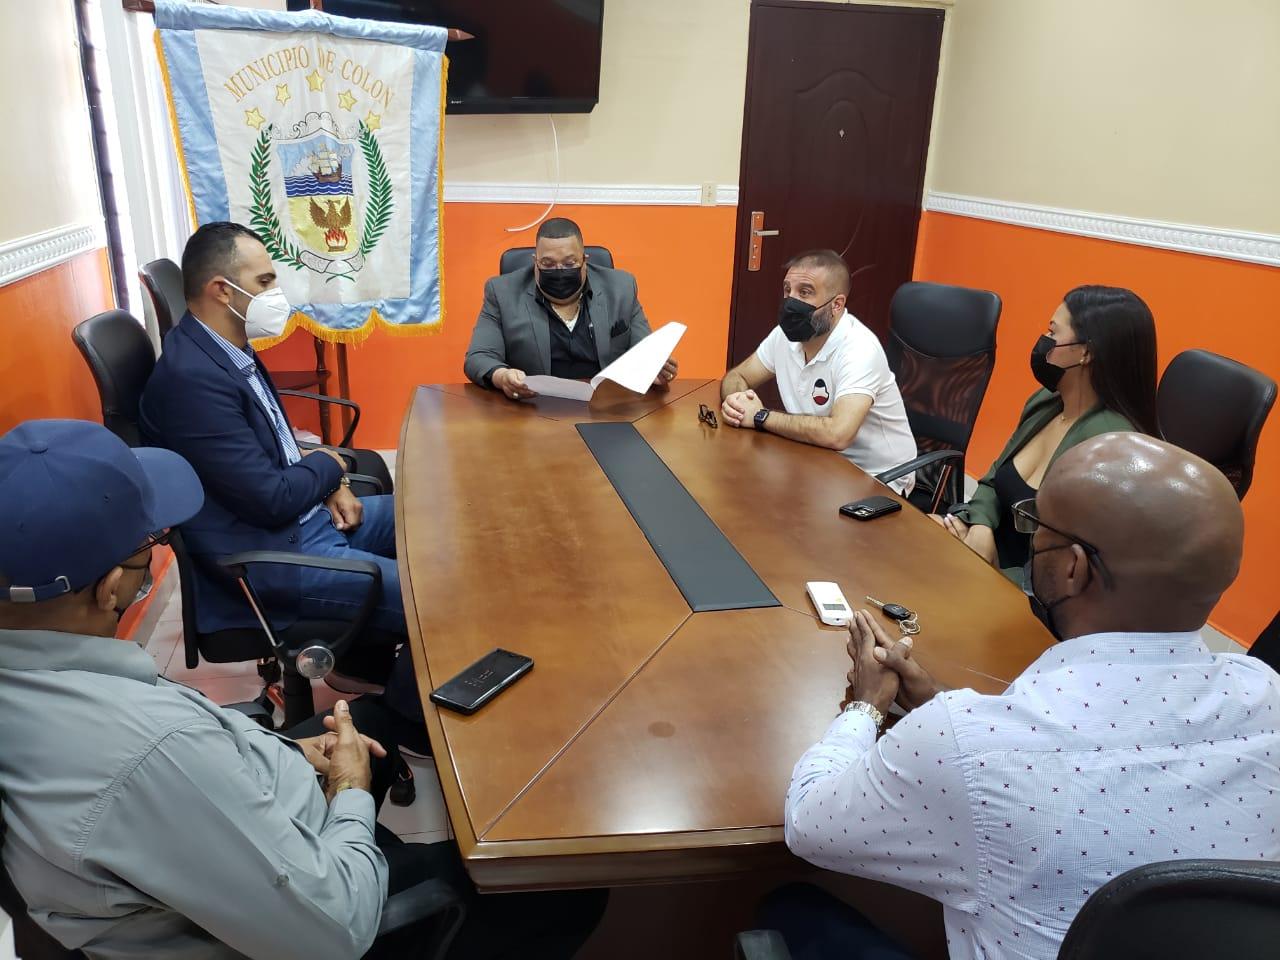 El alcalde Lee en la reunión con empresarios y representantes de la ATTT. Foto: Diómedes Sánchez